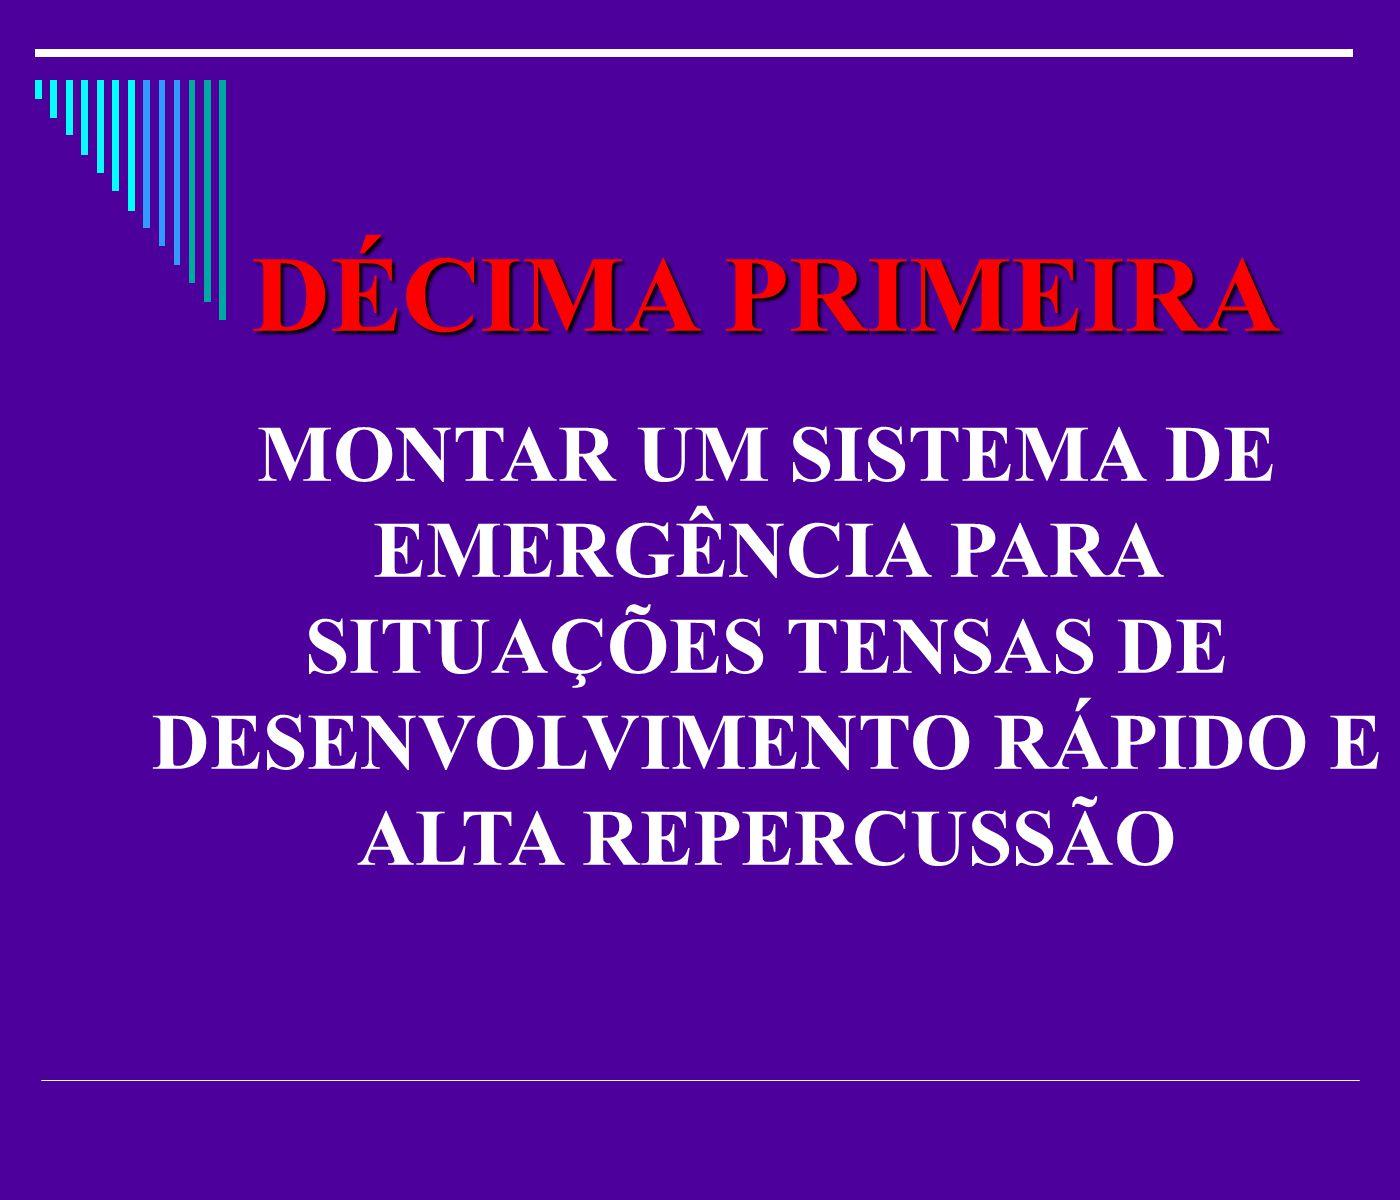 DÉCIMA PRIMEIRA MONTAR UM SISTEMA DE EMERGÊNCIA PARA SITUAÇÕES TENSAS DE DESENVOLVIMENTO RÁPIDO E ALTA REPERCUSSÃO